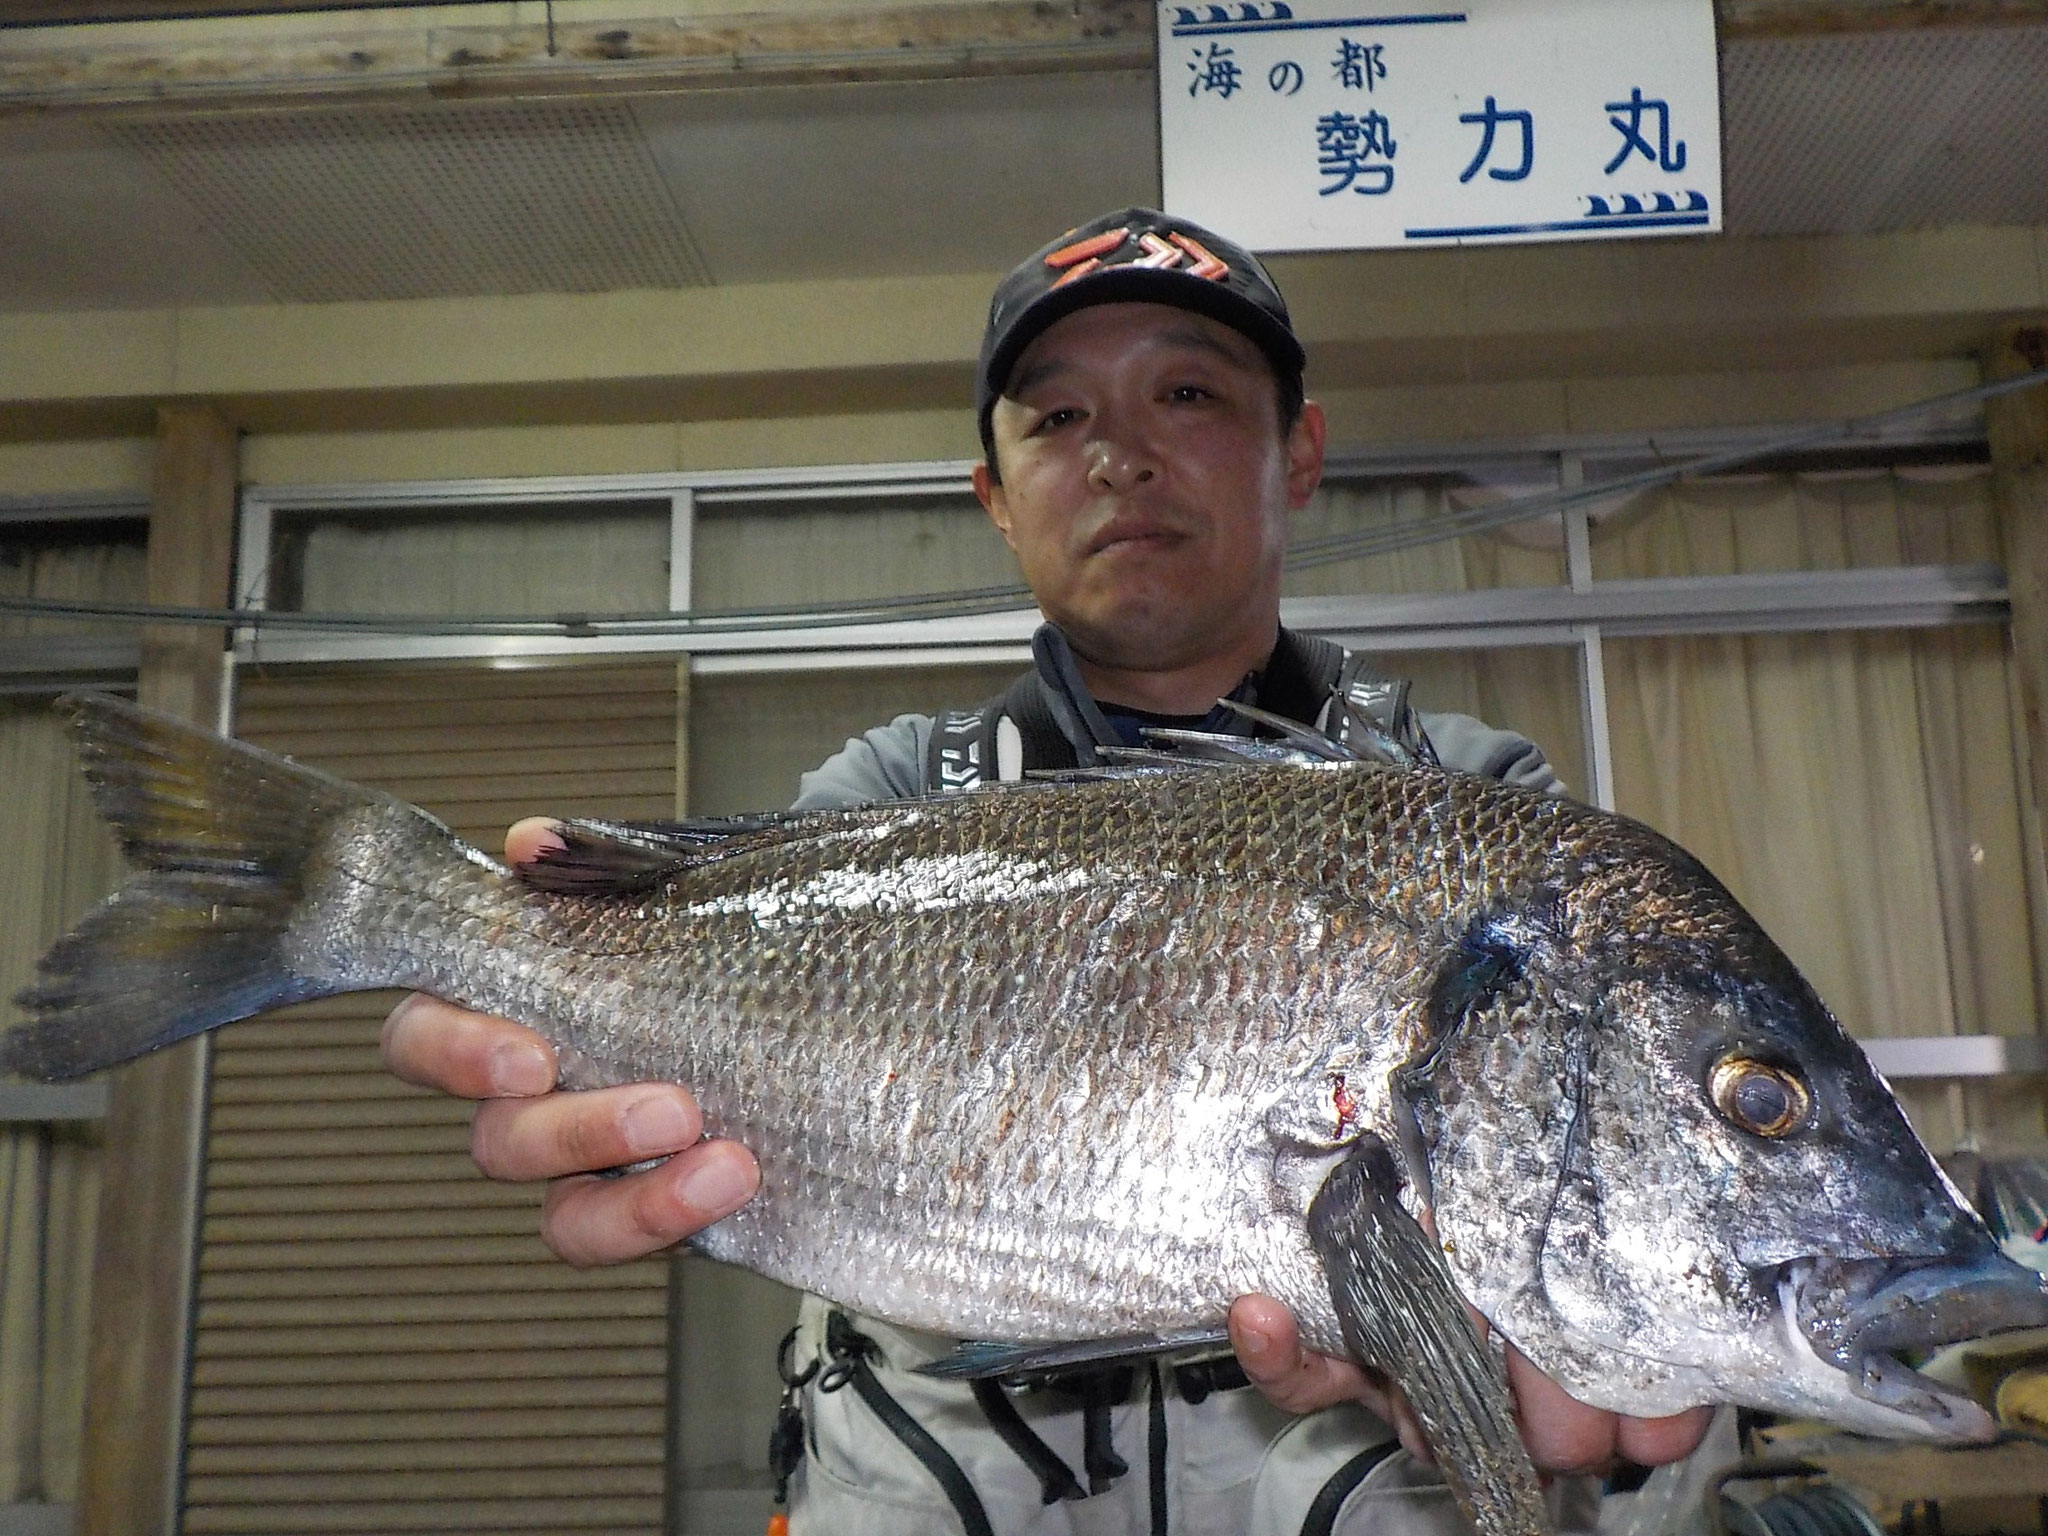 3月9日 磯釣りで千年原 征一さん ガバチヌ50㎝